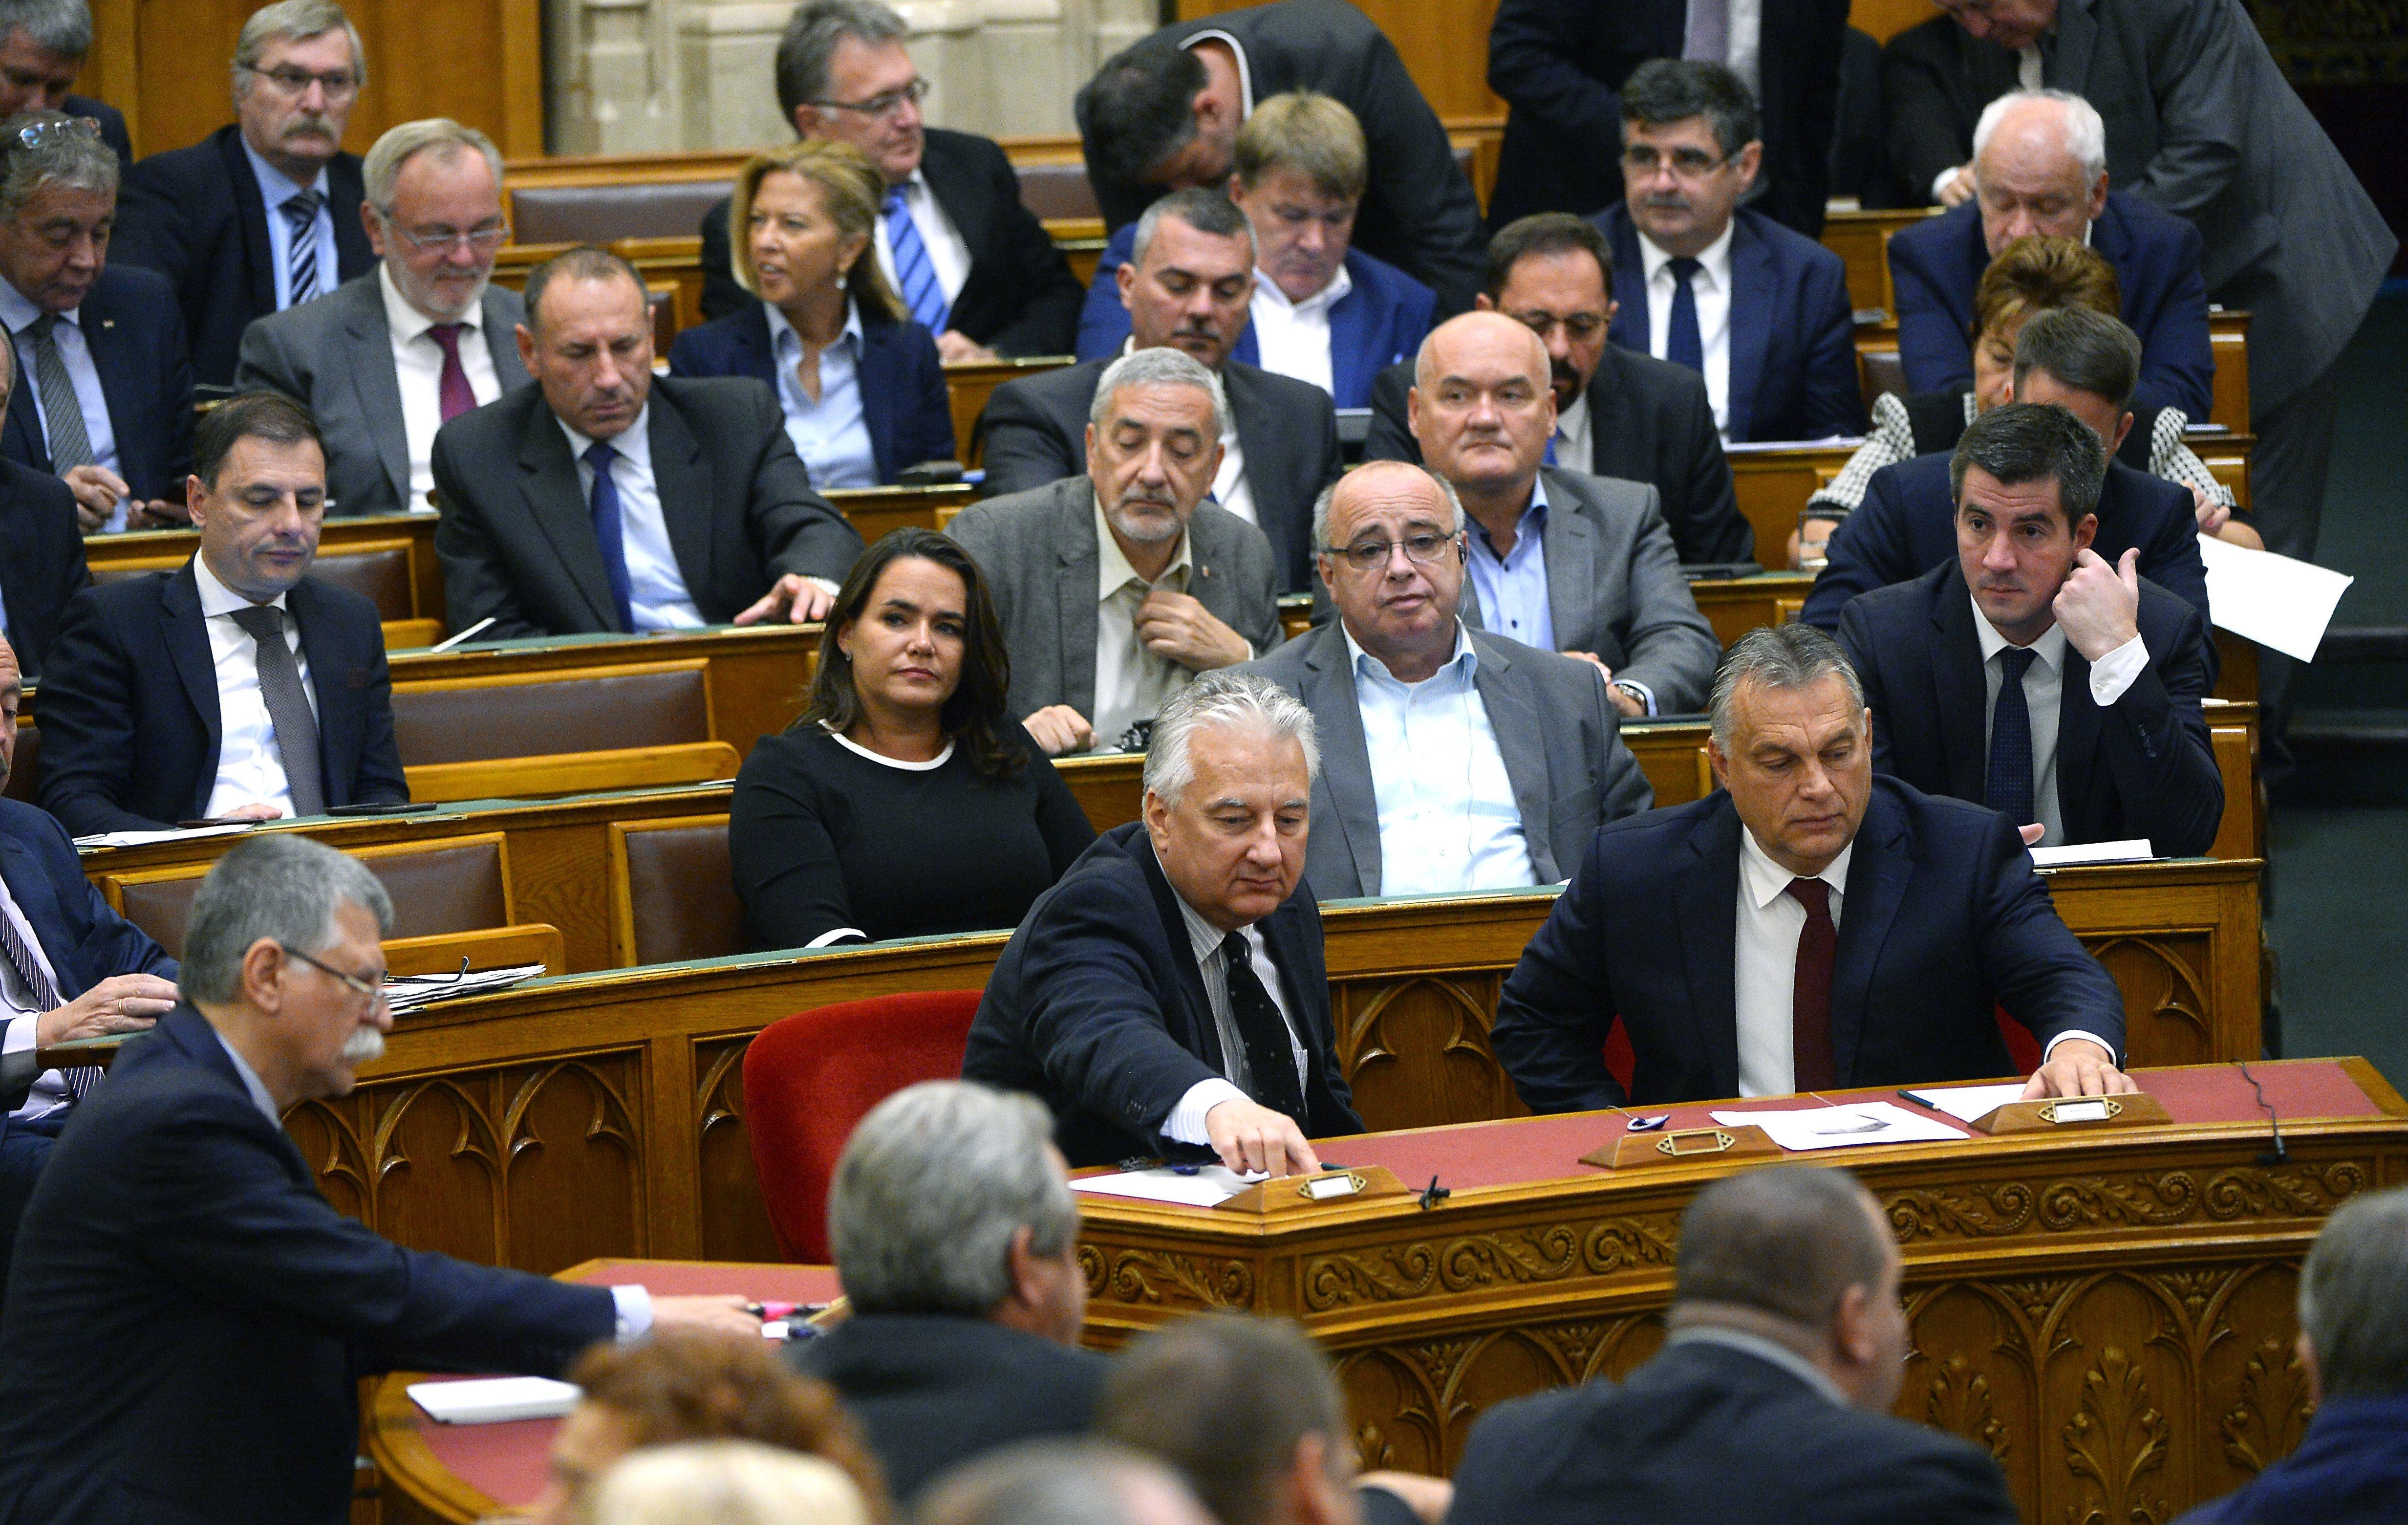 A fideszes többség simán leszavazta, hogy az Európai Ügyészséghez való csatlakozásról döntsön az Országgyűlés